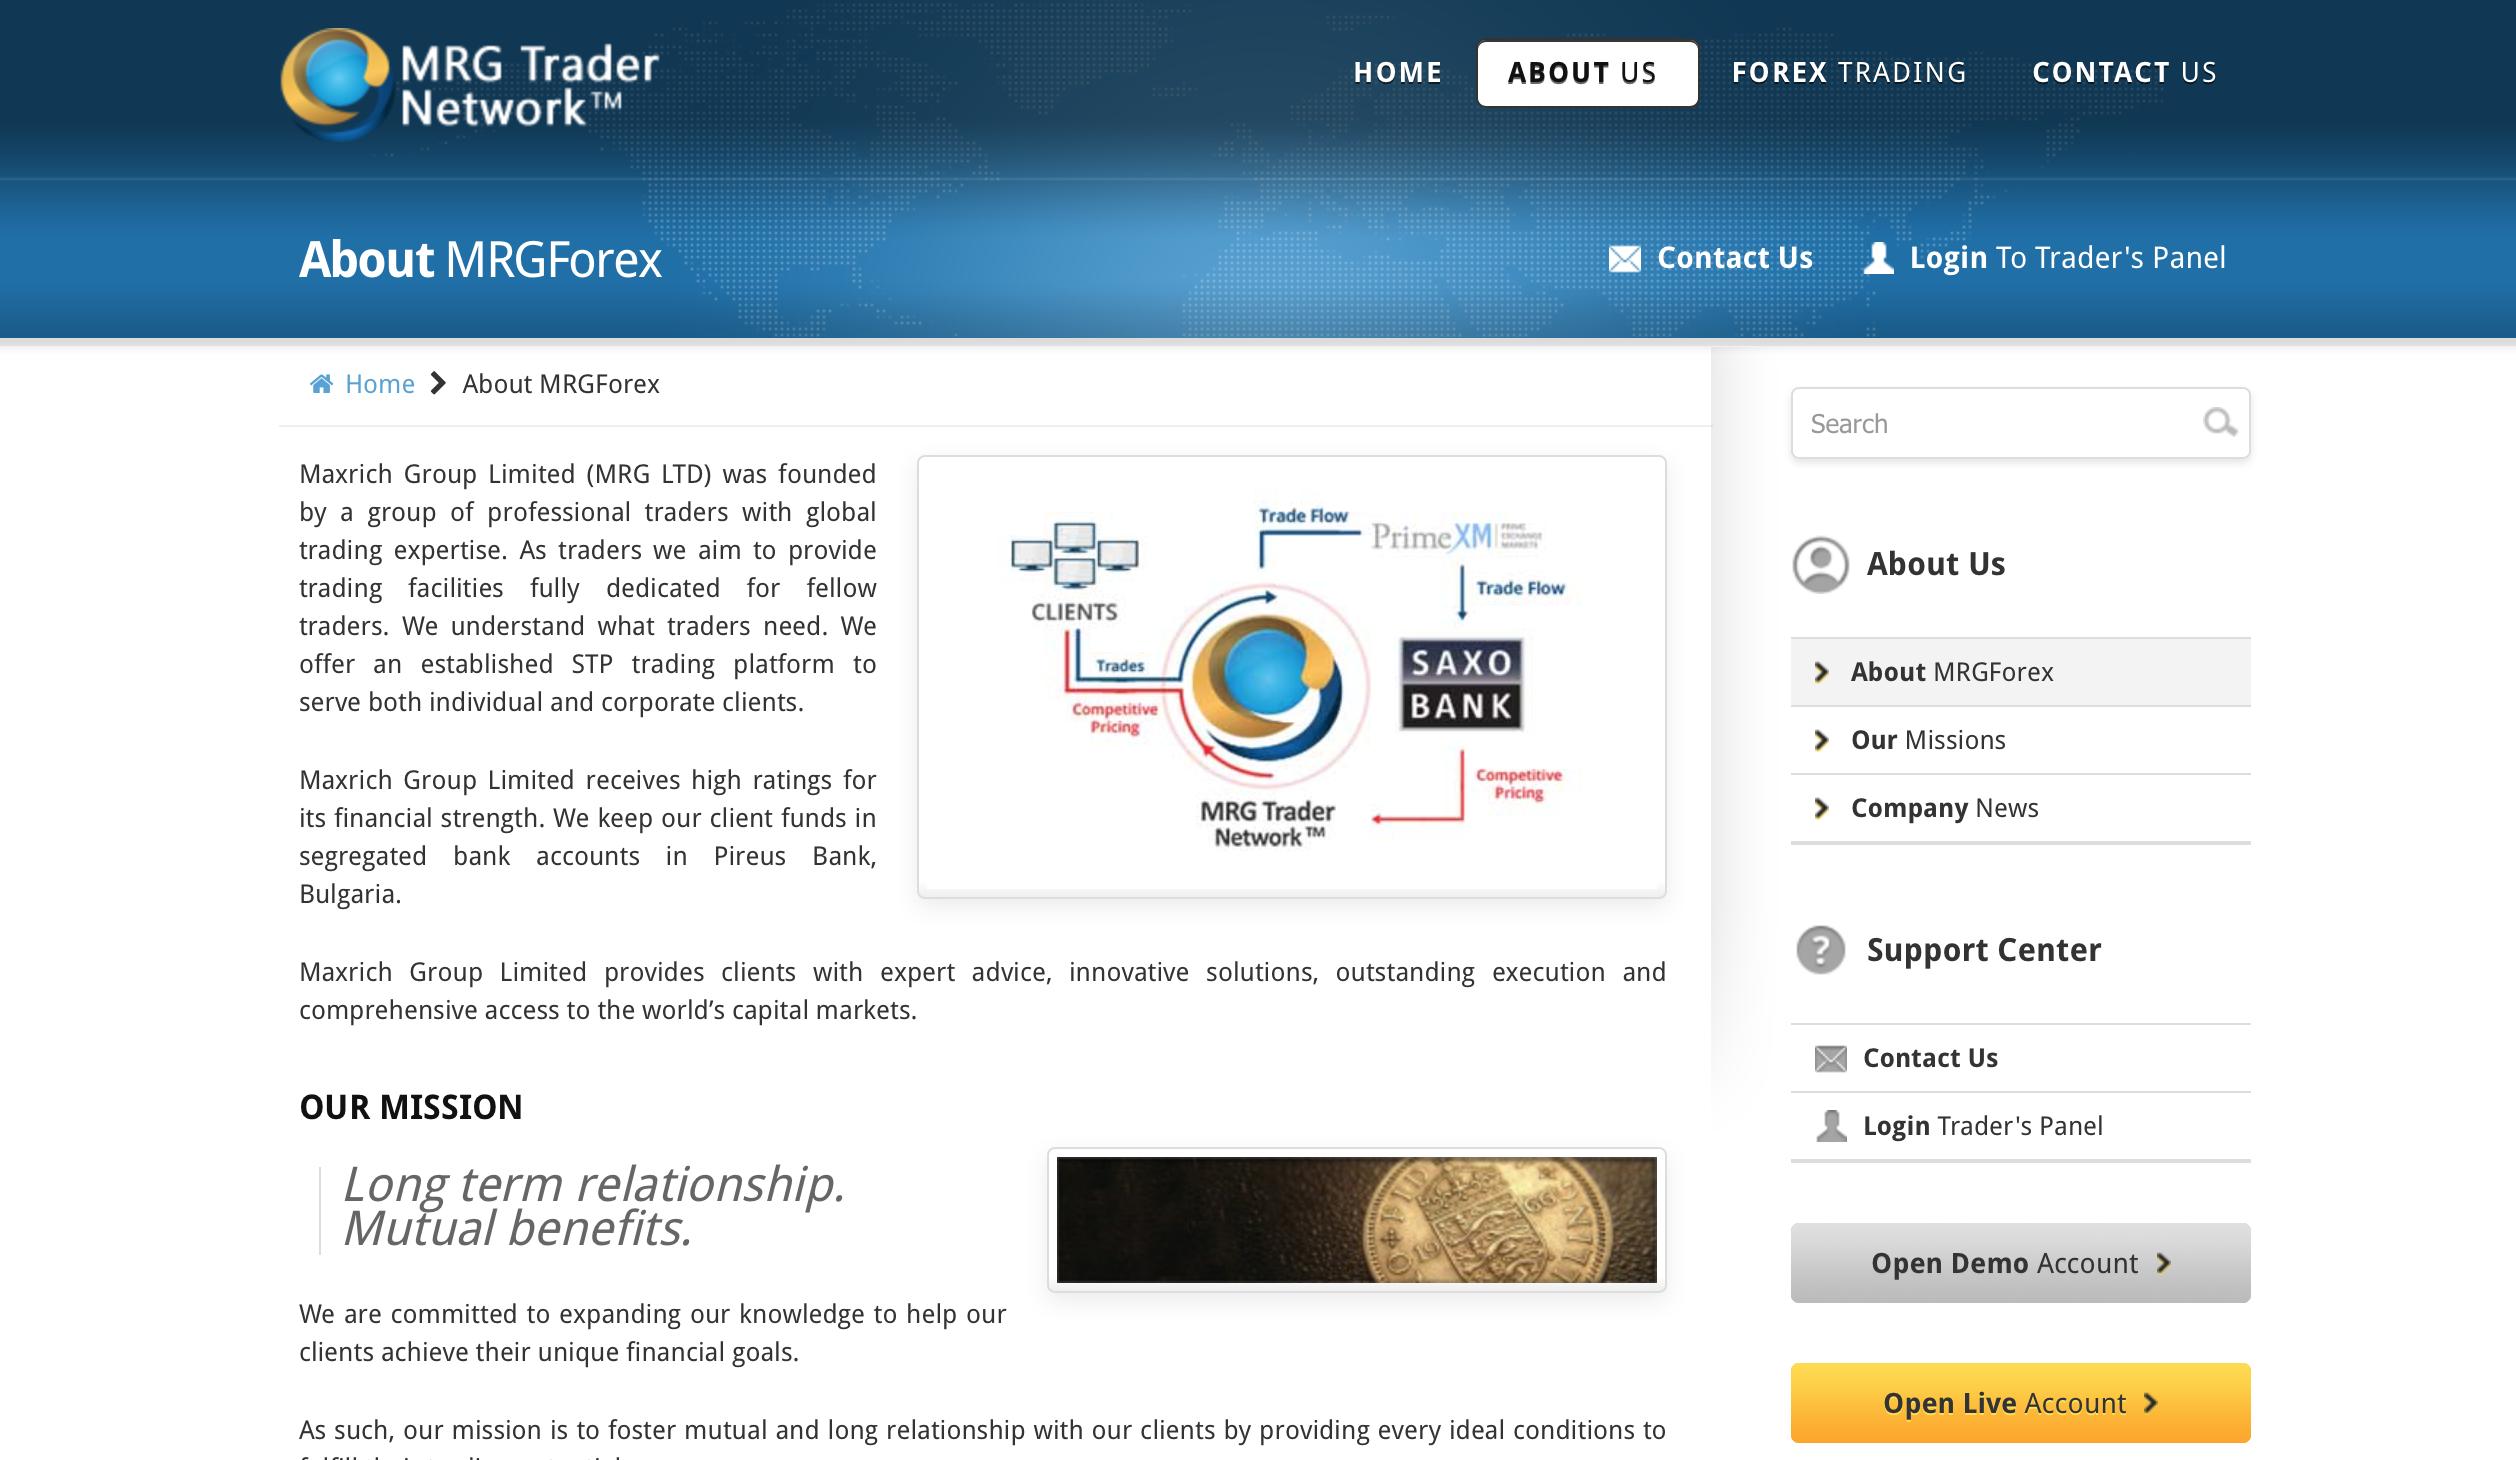 MRG Trader Website